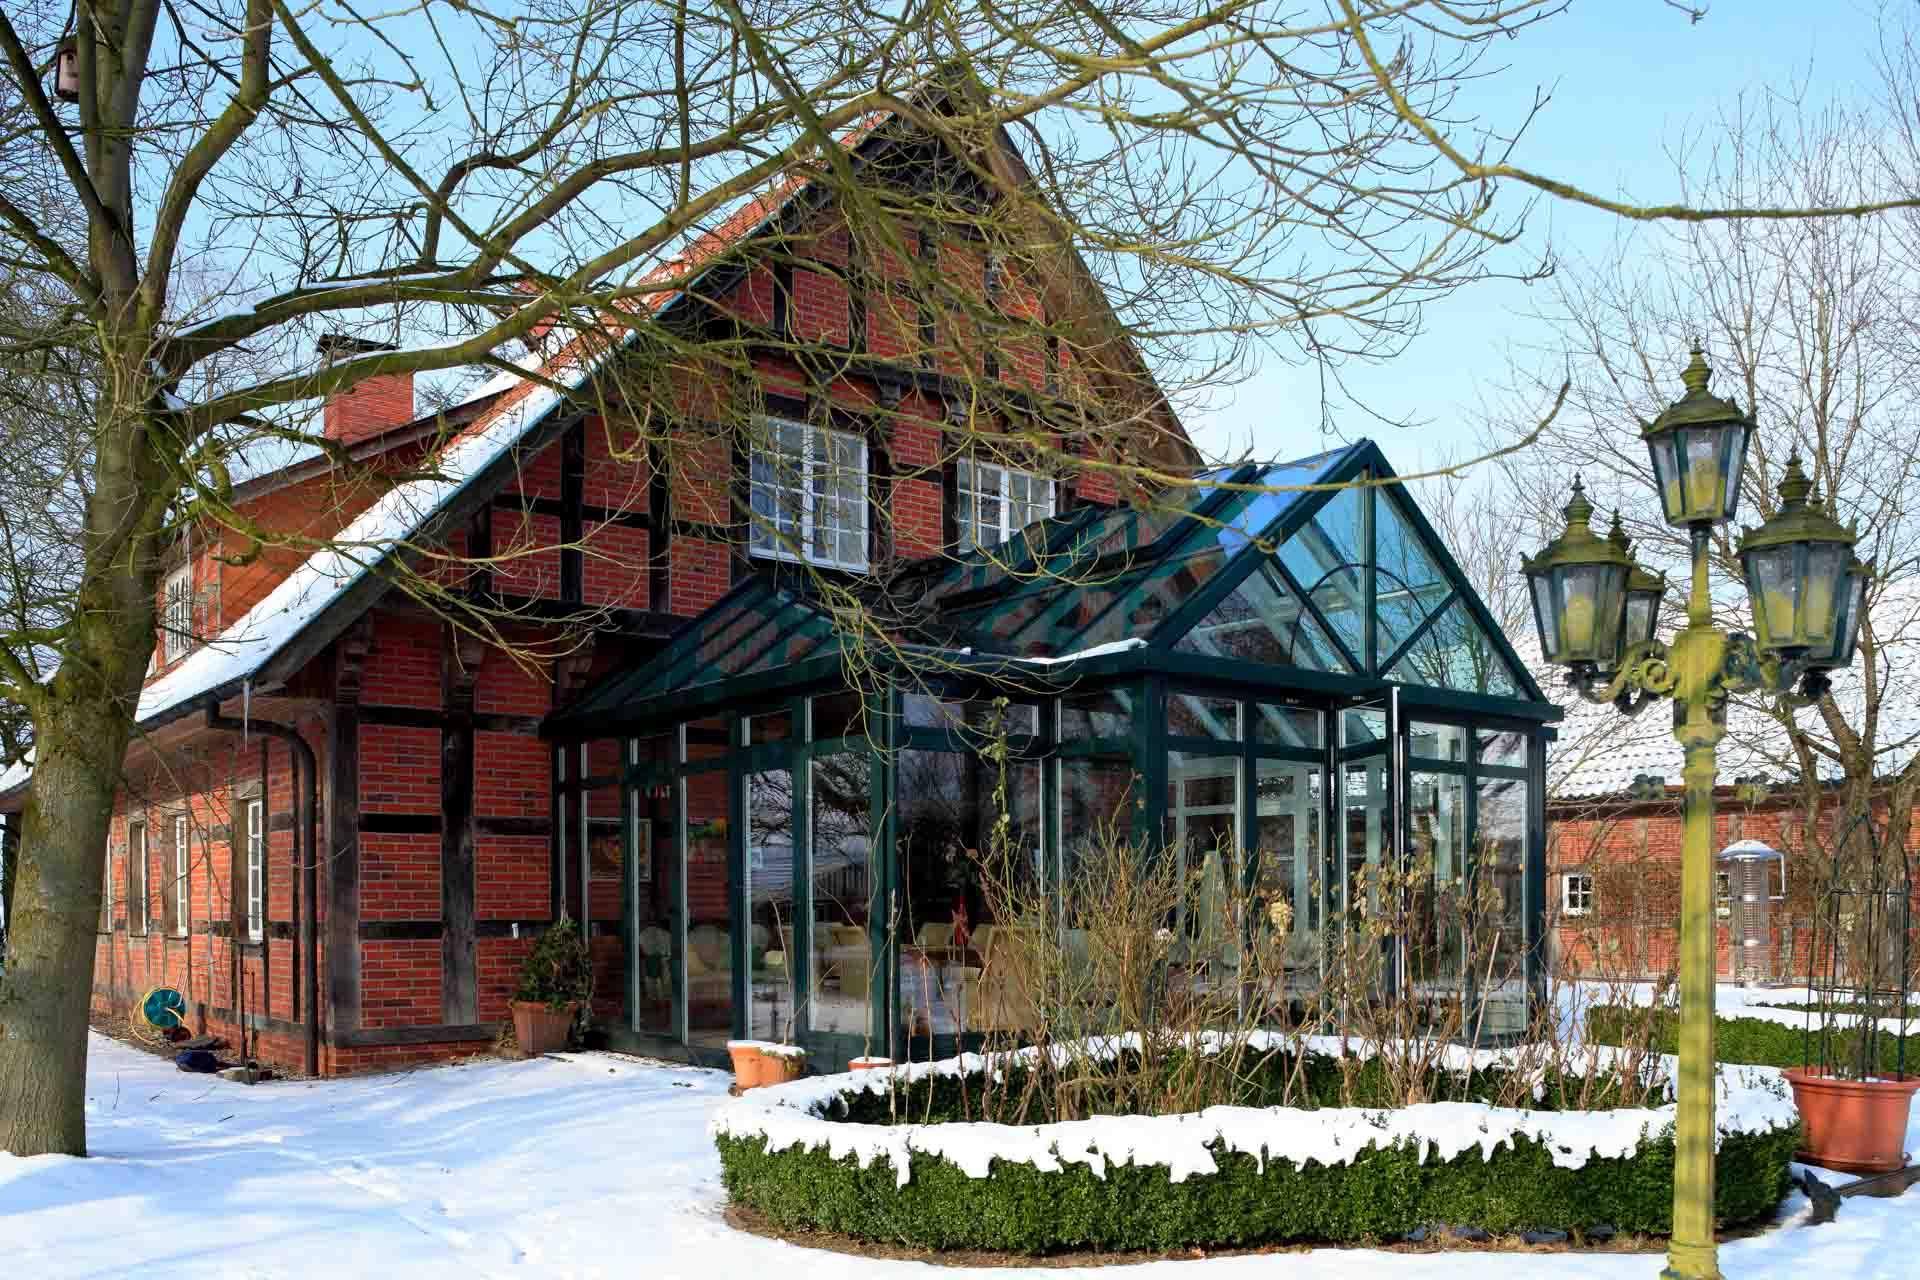 Wintergarten im Winter – Wohnraum-Atmosphäre inklusive